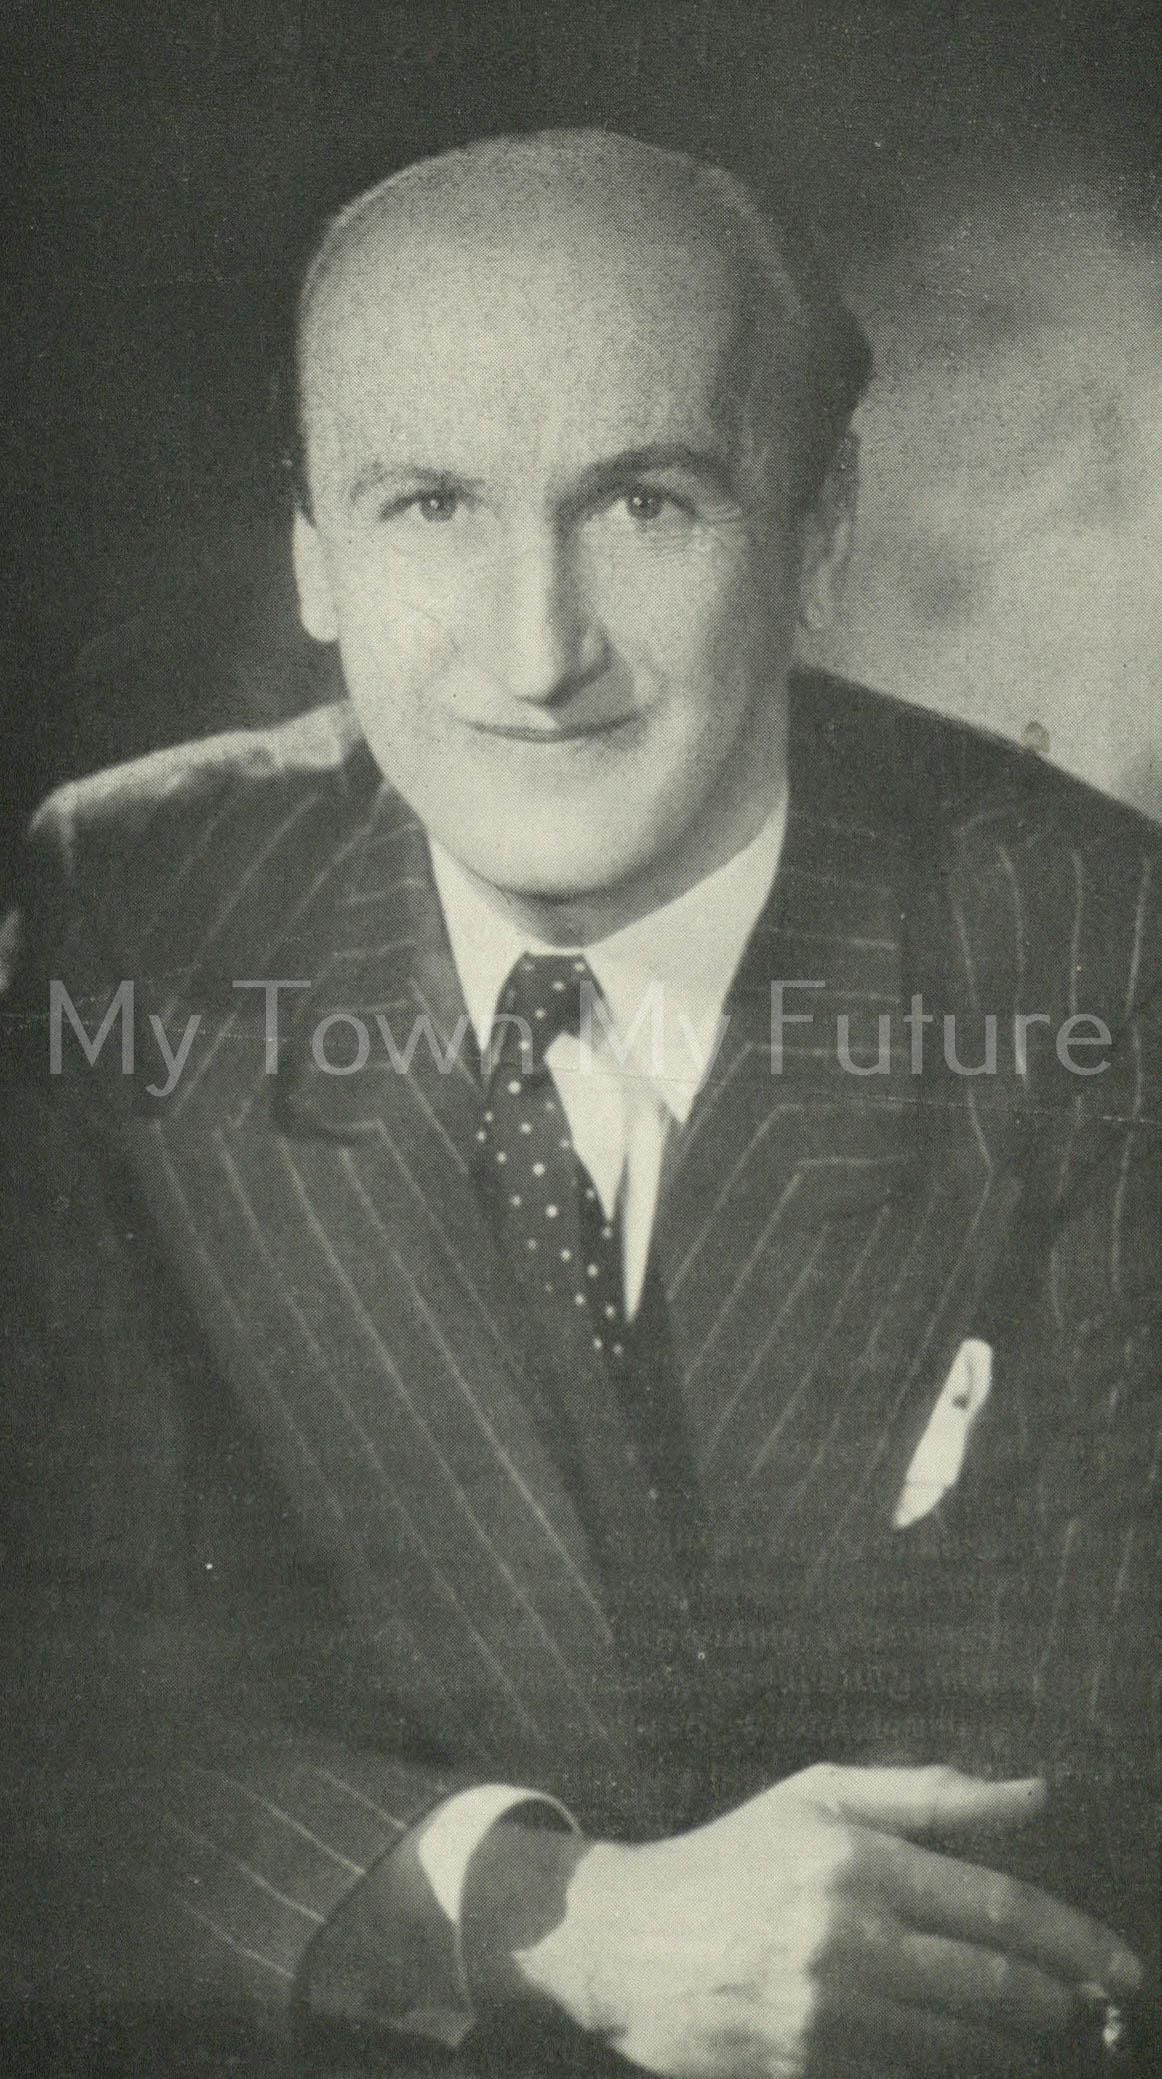 J.P.Knight